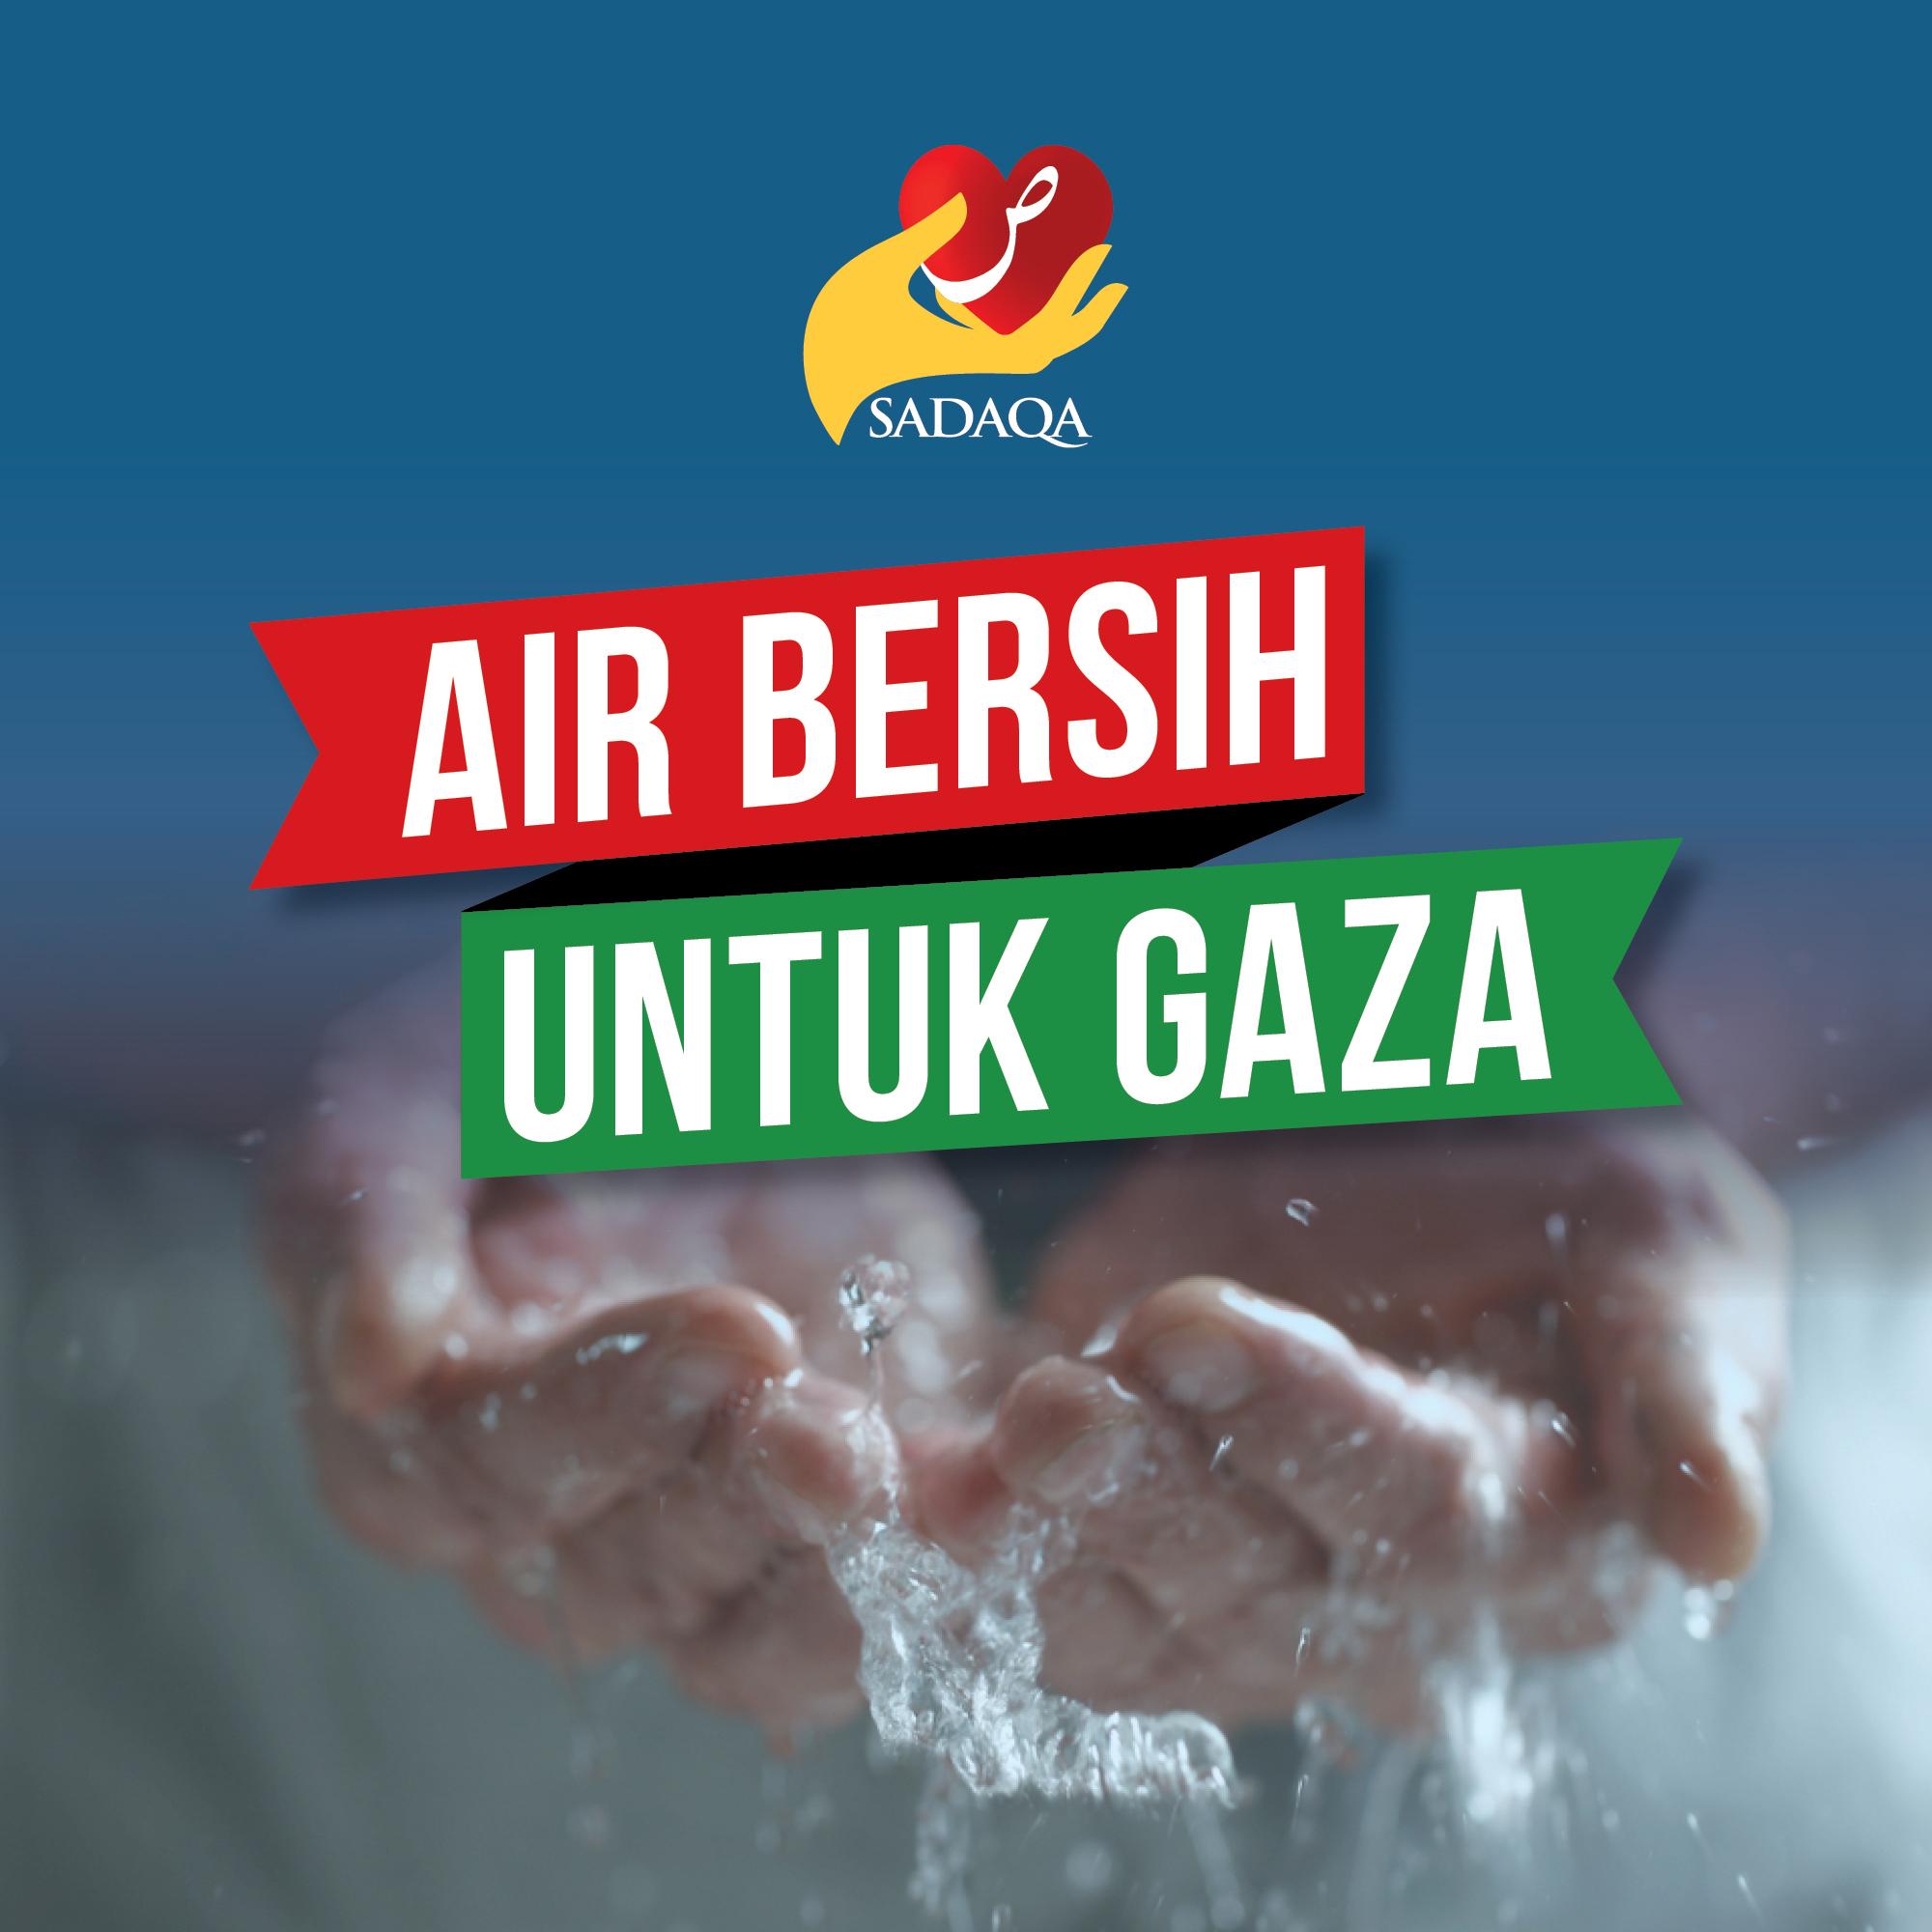 AIR BERSIH UNTUK GAZA